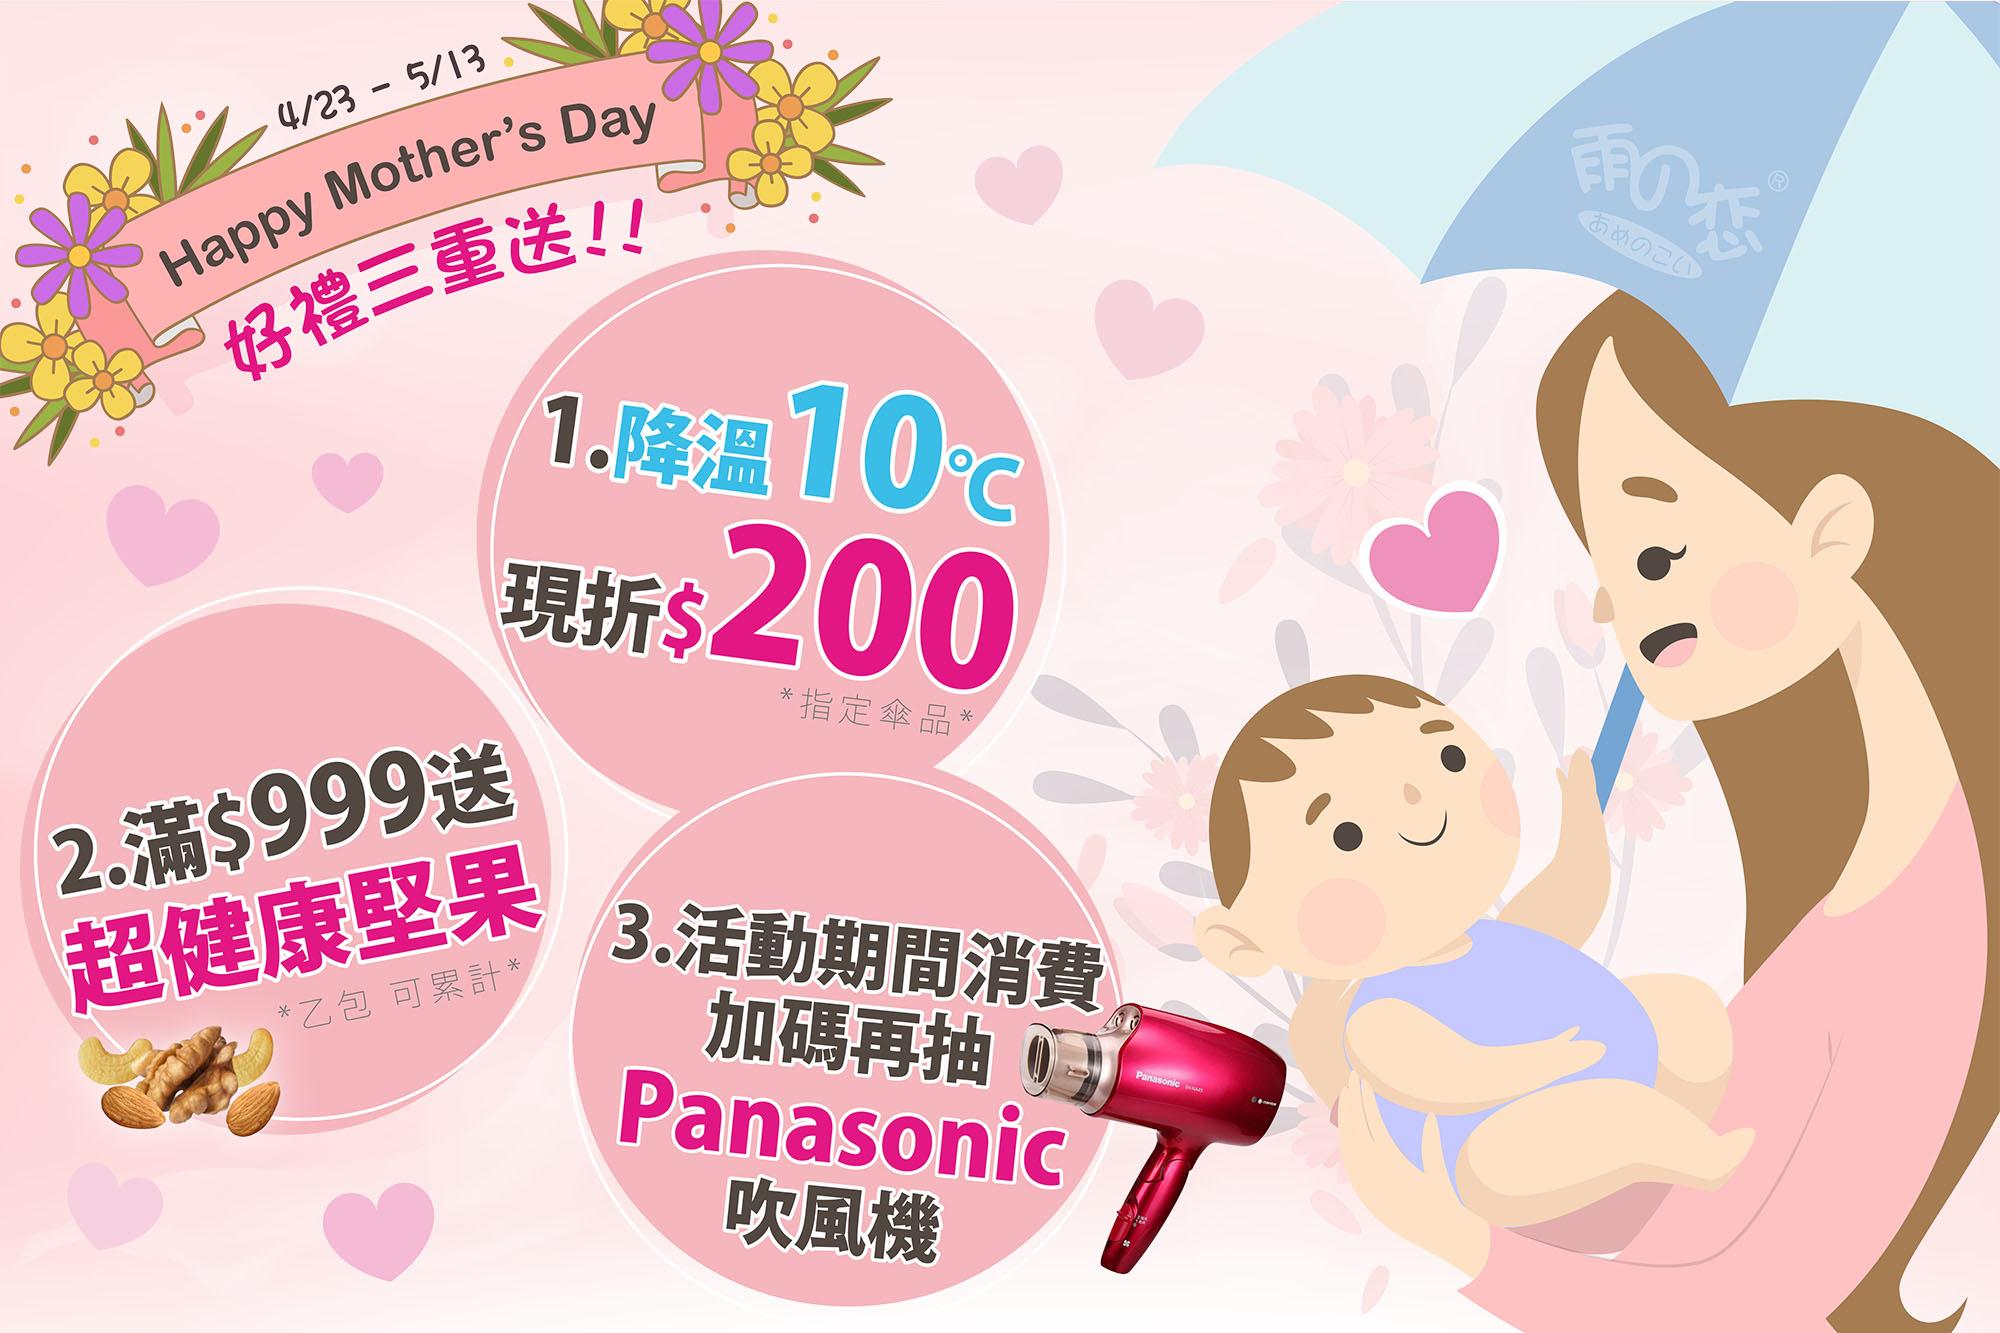 母親節,寵愛媽咪,降溫,降10度,特價,涼感,雨之戀,推薦,禮物